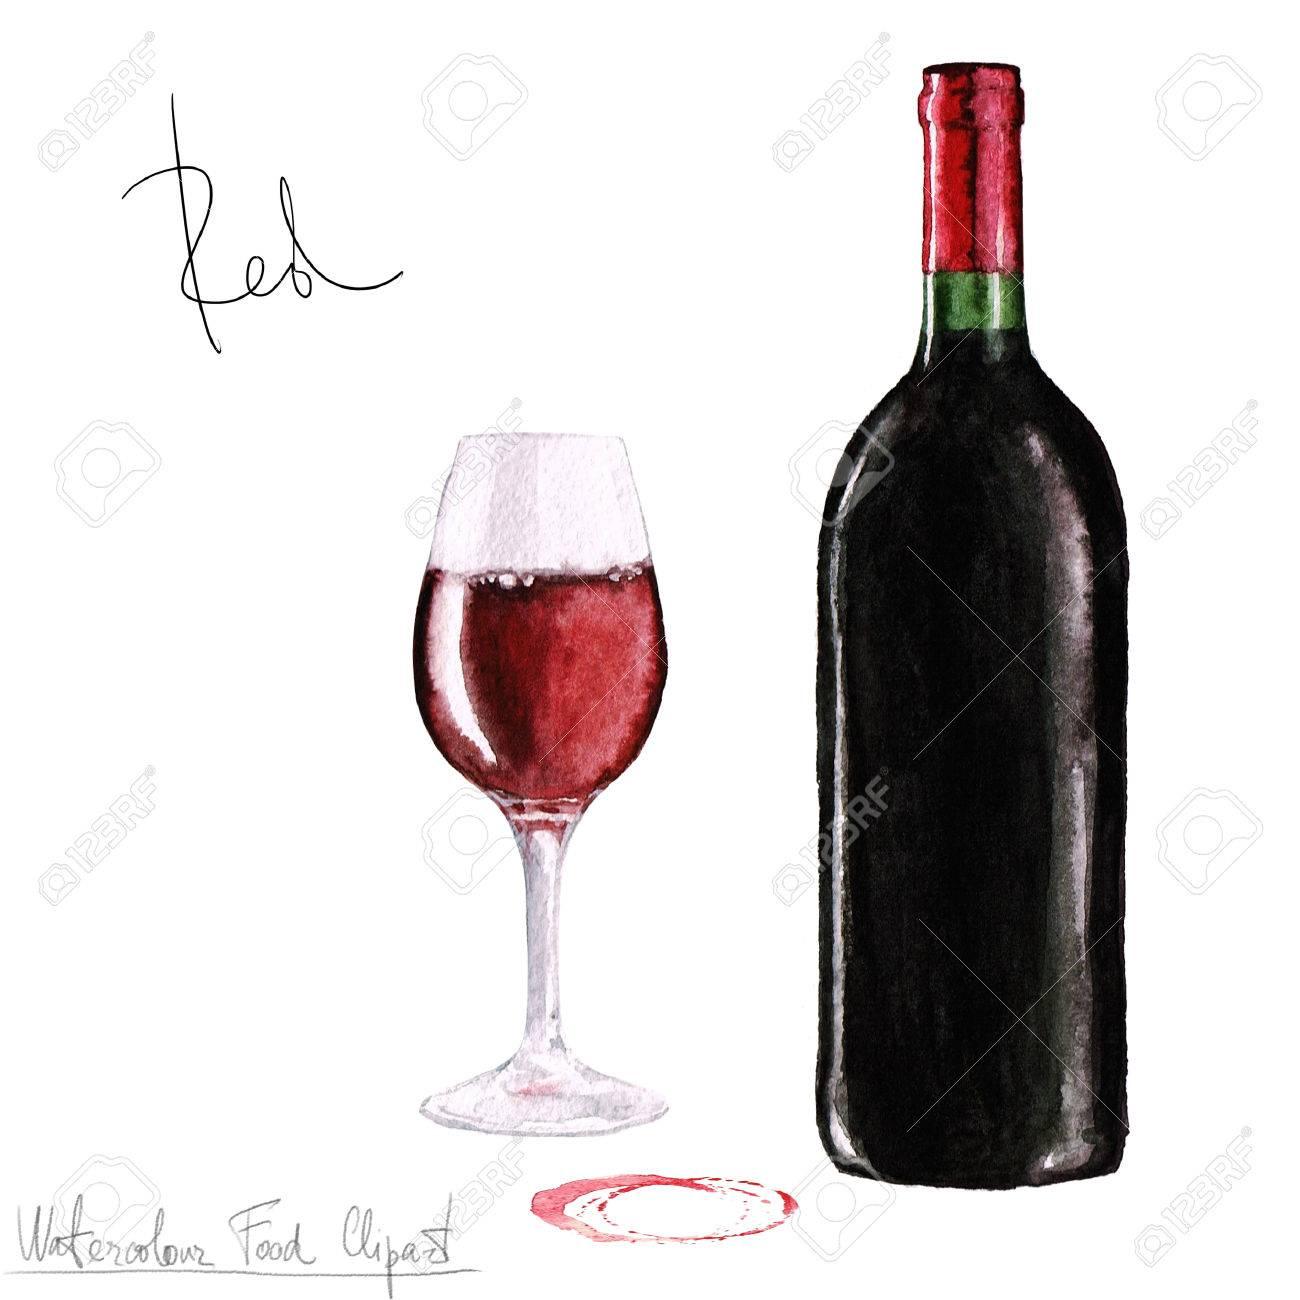 水彩食べ物クリップアート ワイン の写真素材画像素材 Image 52835007